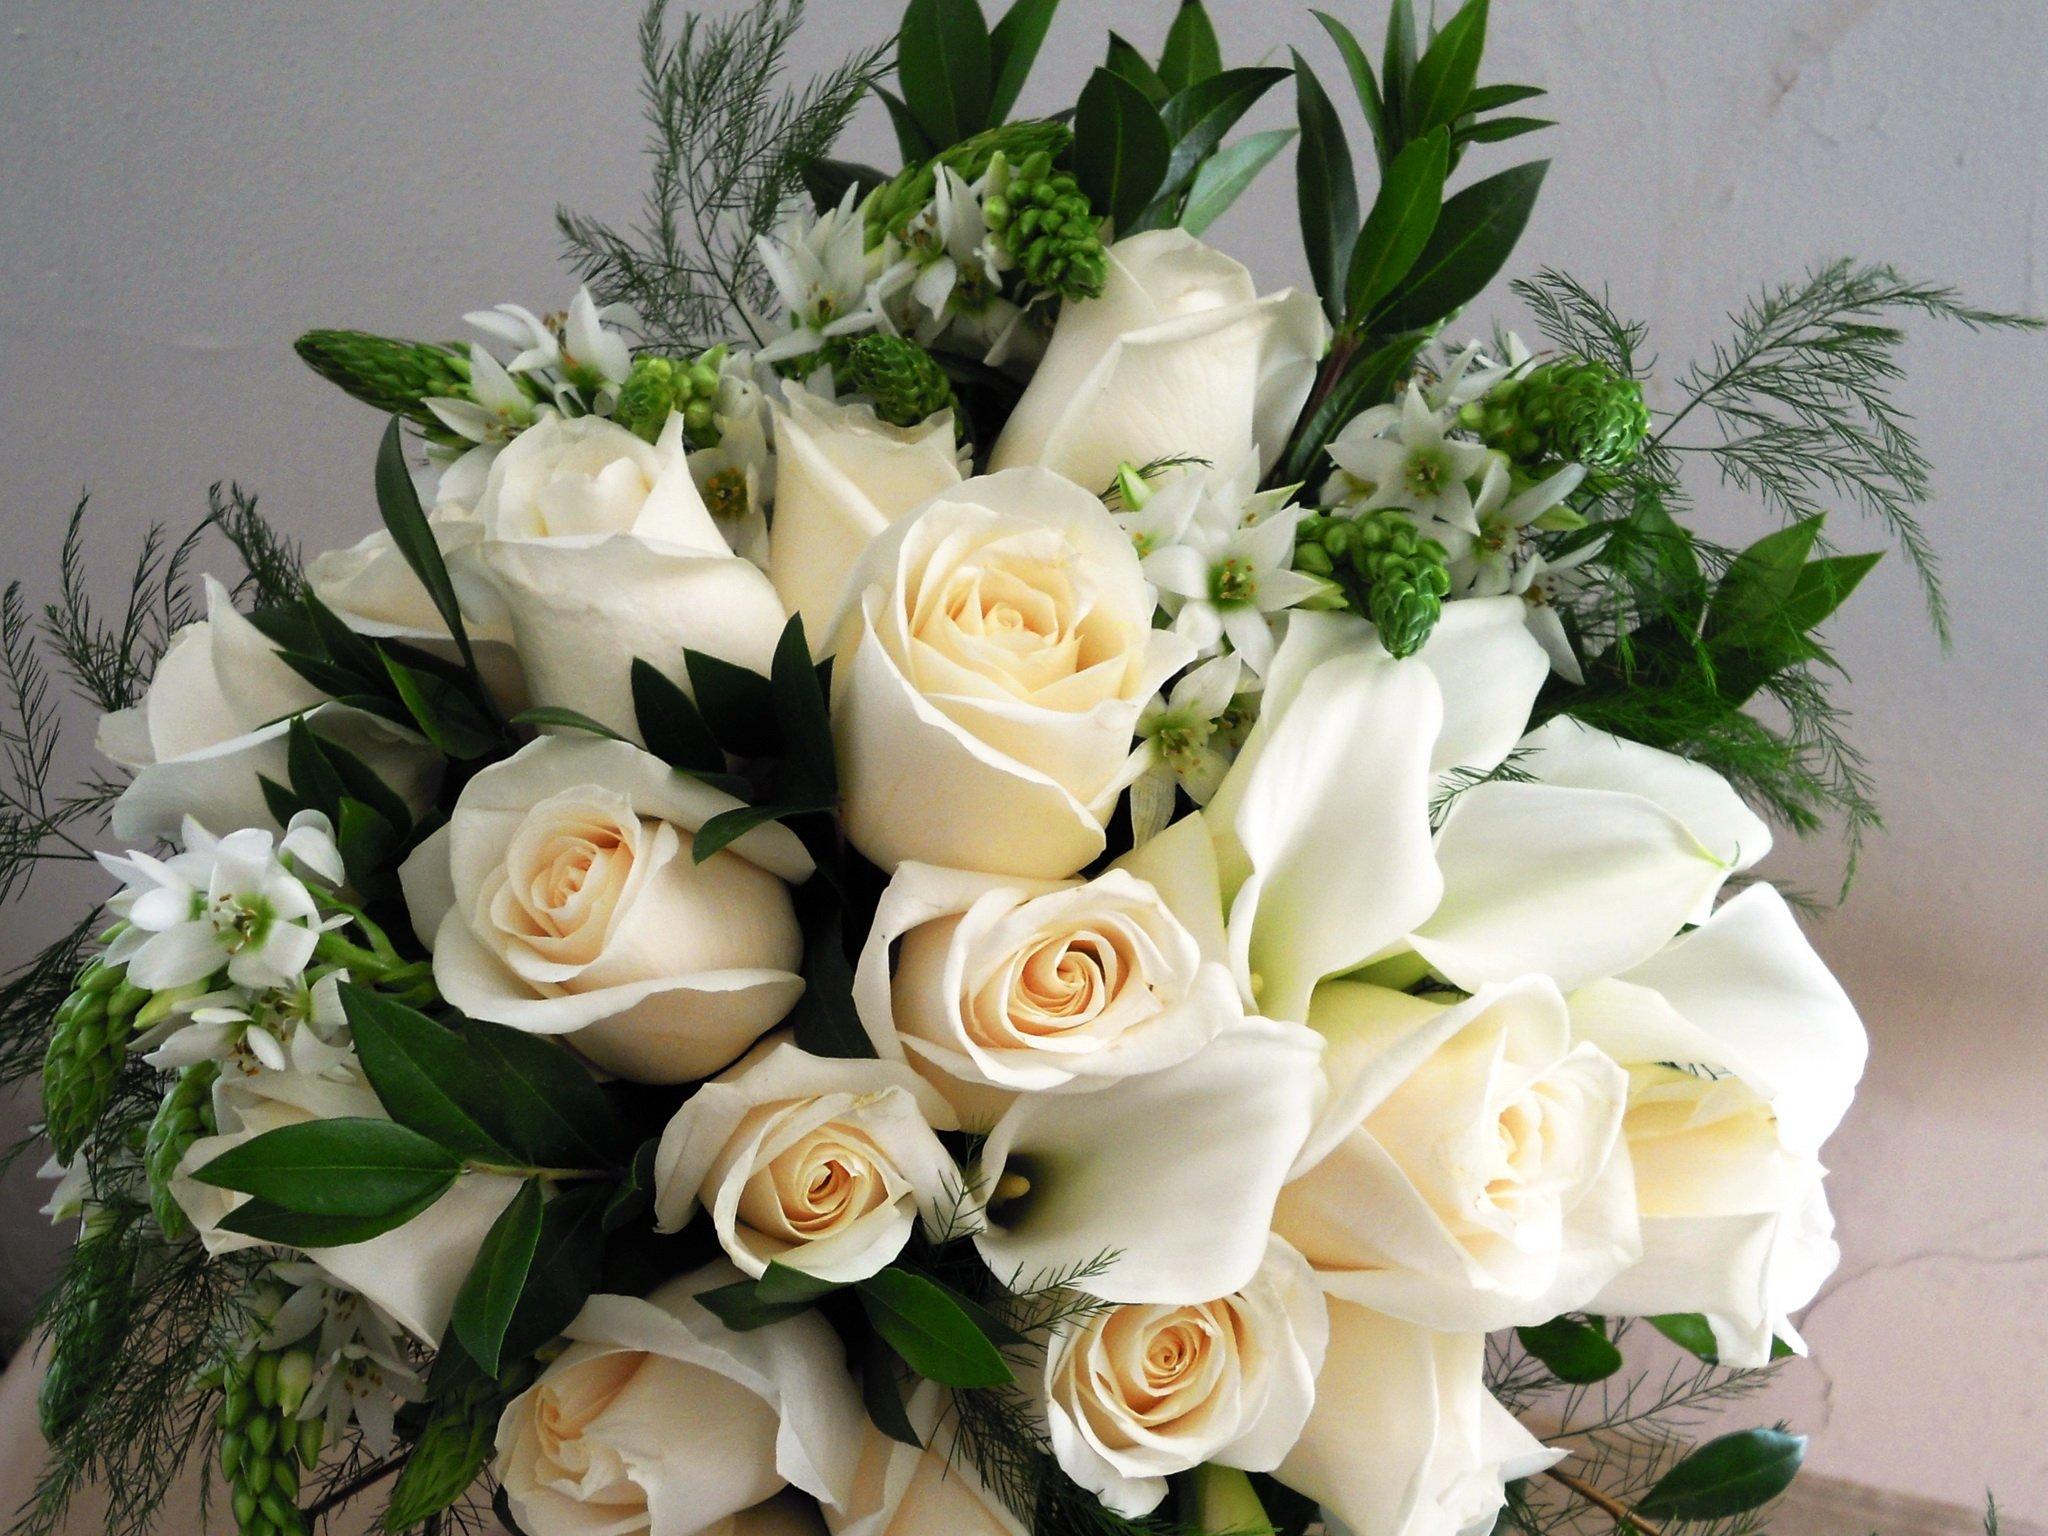 Поздравления с днем рождения белыми розами в картинках